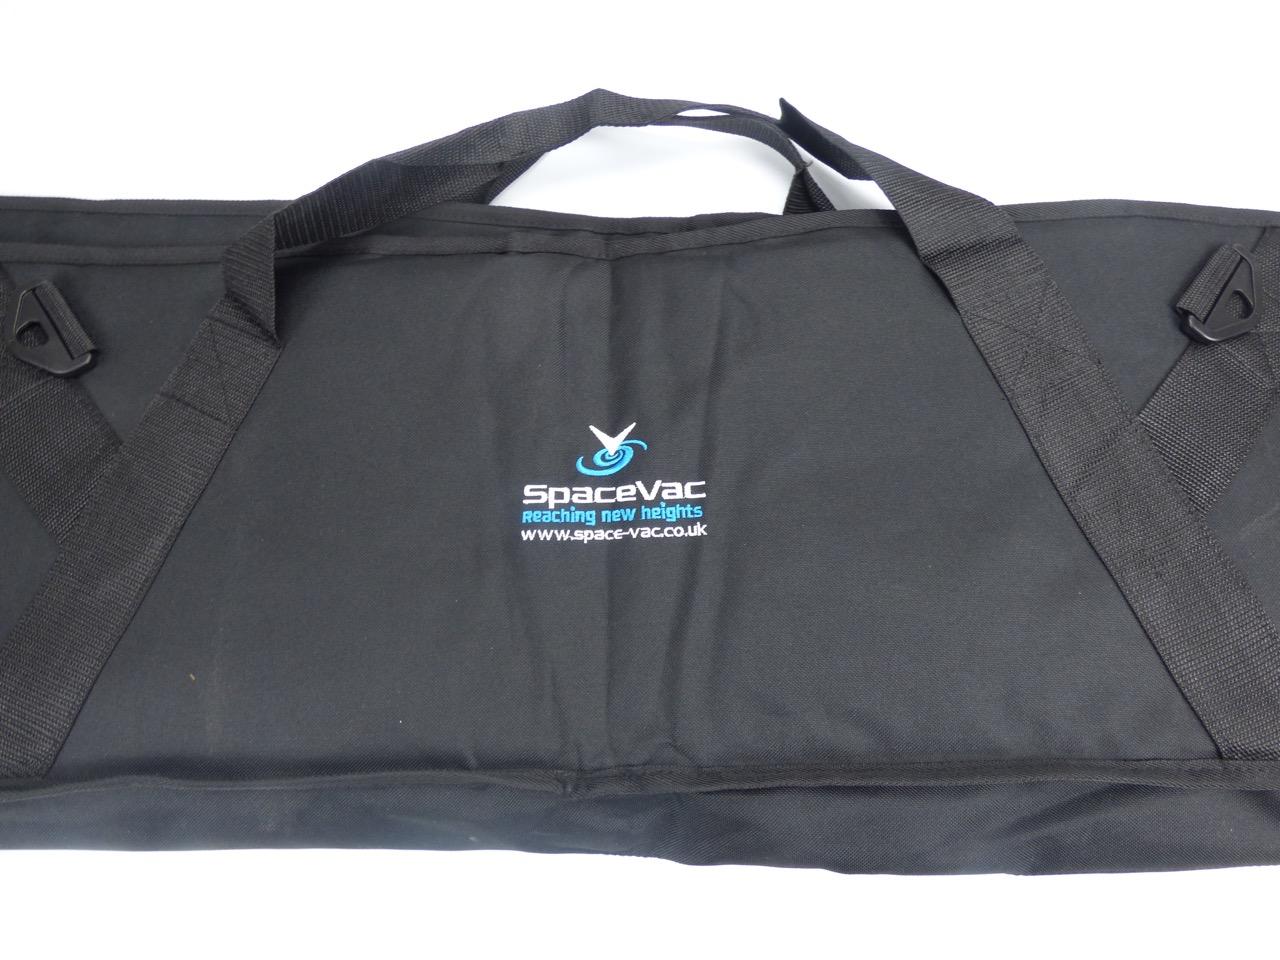 Spacevac bag